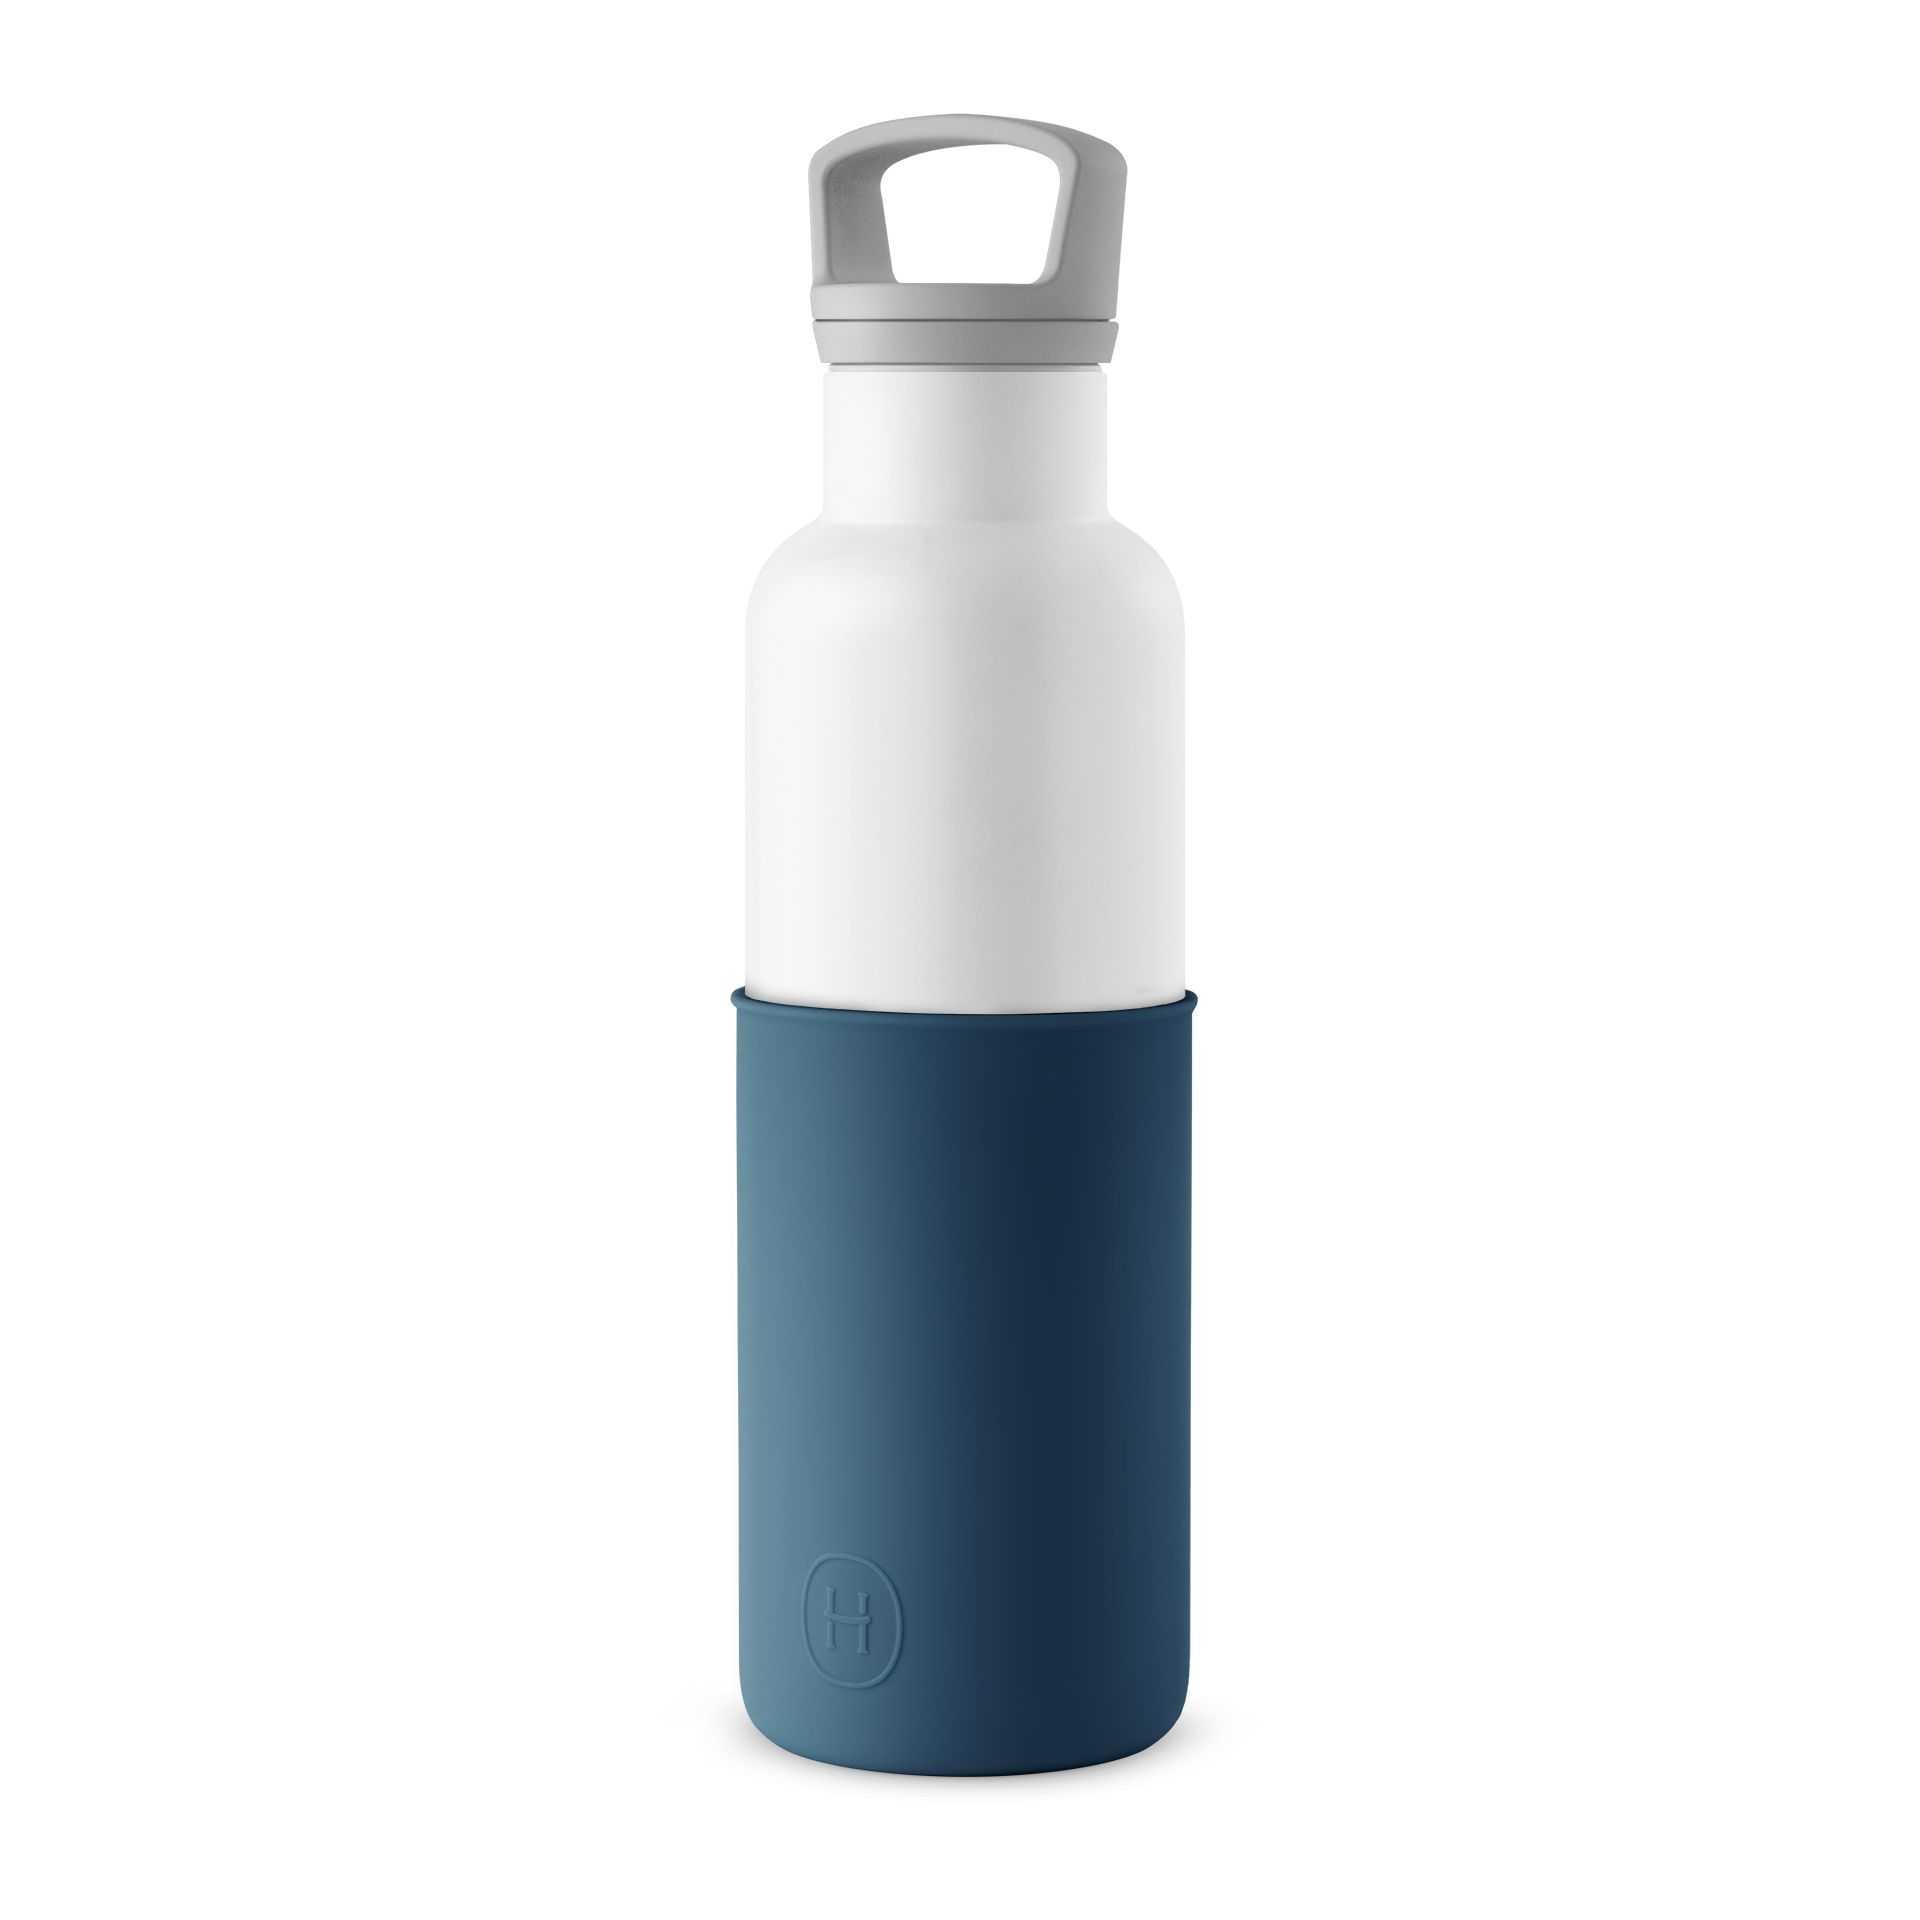 【HYDY】海軍藍-白瓶 590ml